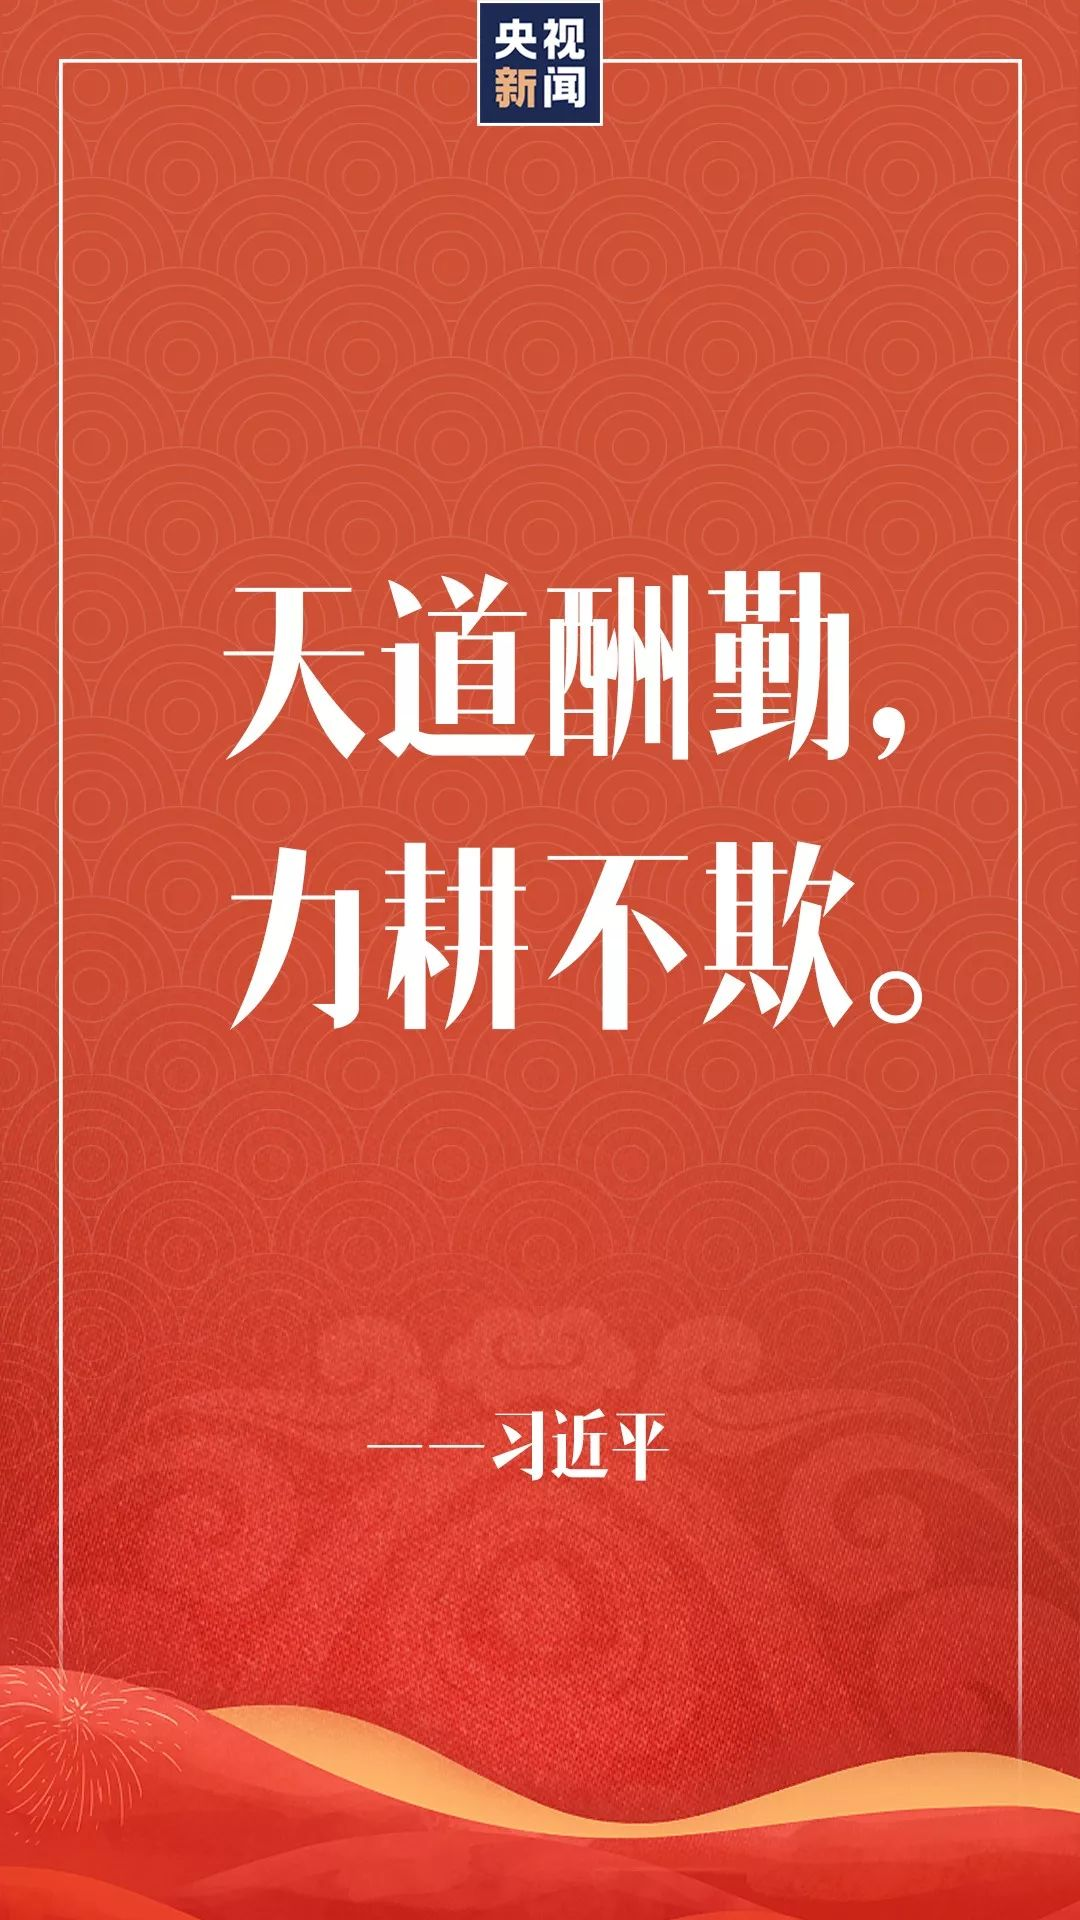 习近平:时间属于奋进者 历史属于奋进者